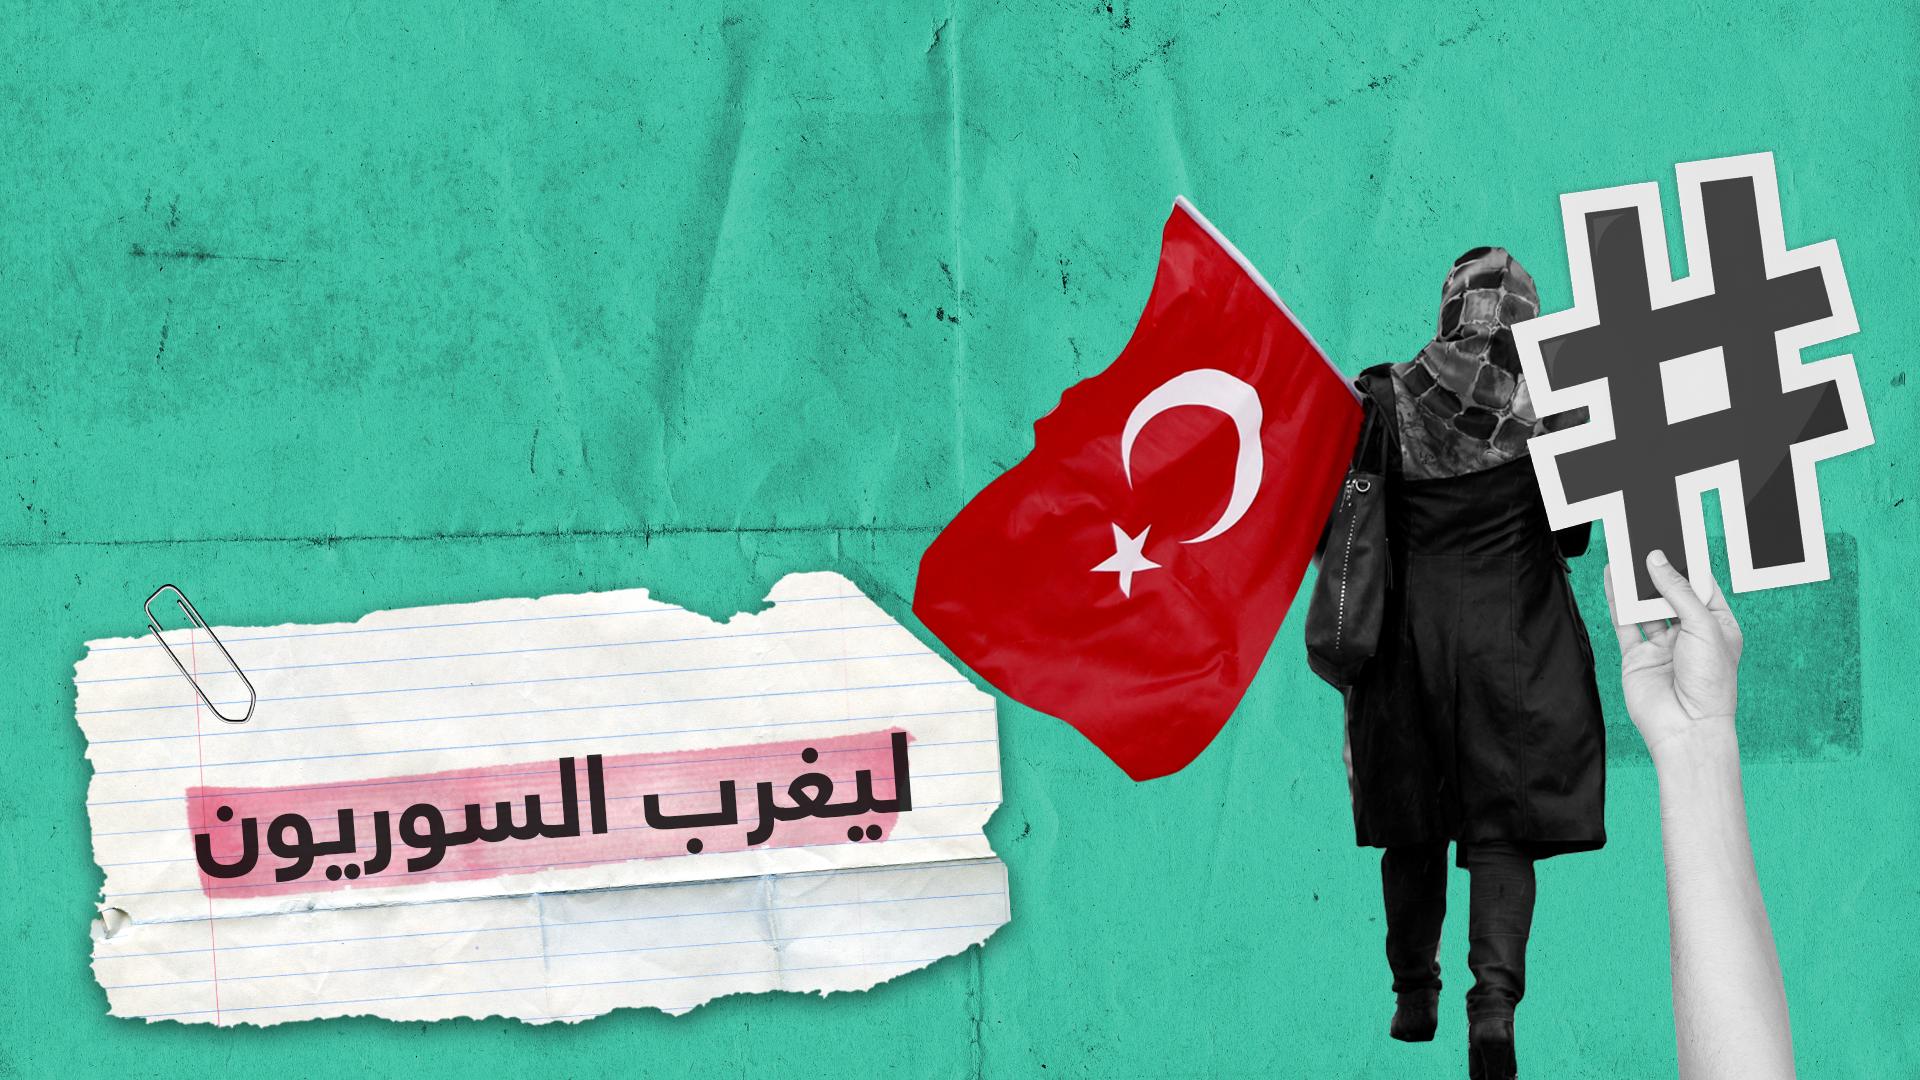 #ليغرب_السوريون_عنا.. هاشتاغ يجتاح بتركيا بعد فوز إمام أوغلو